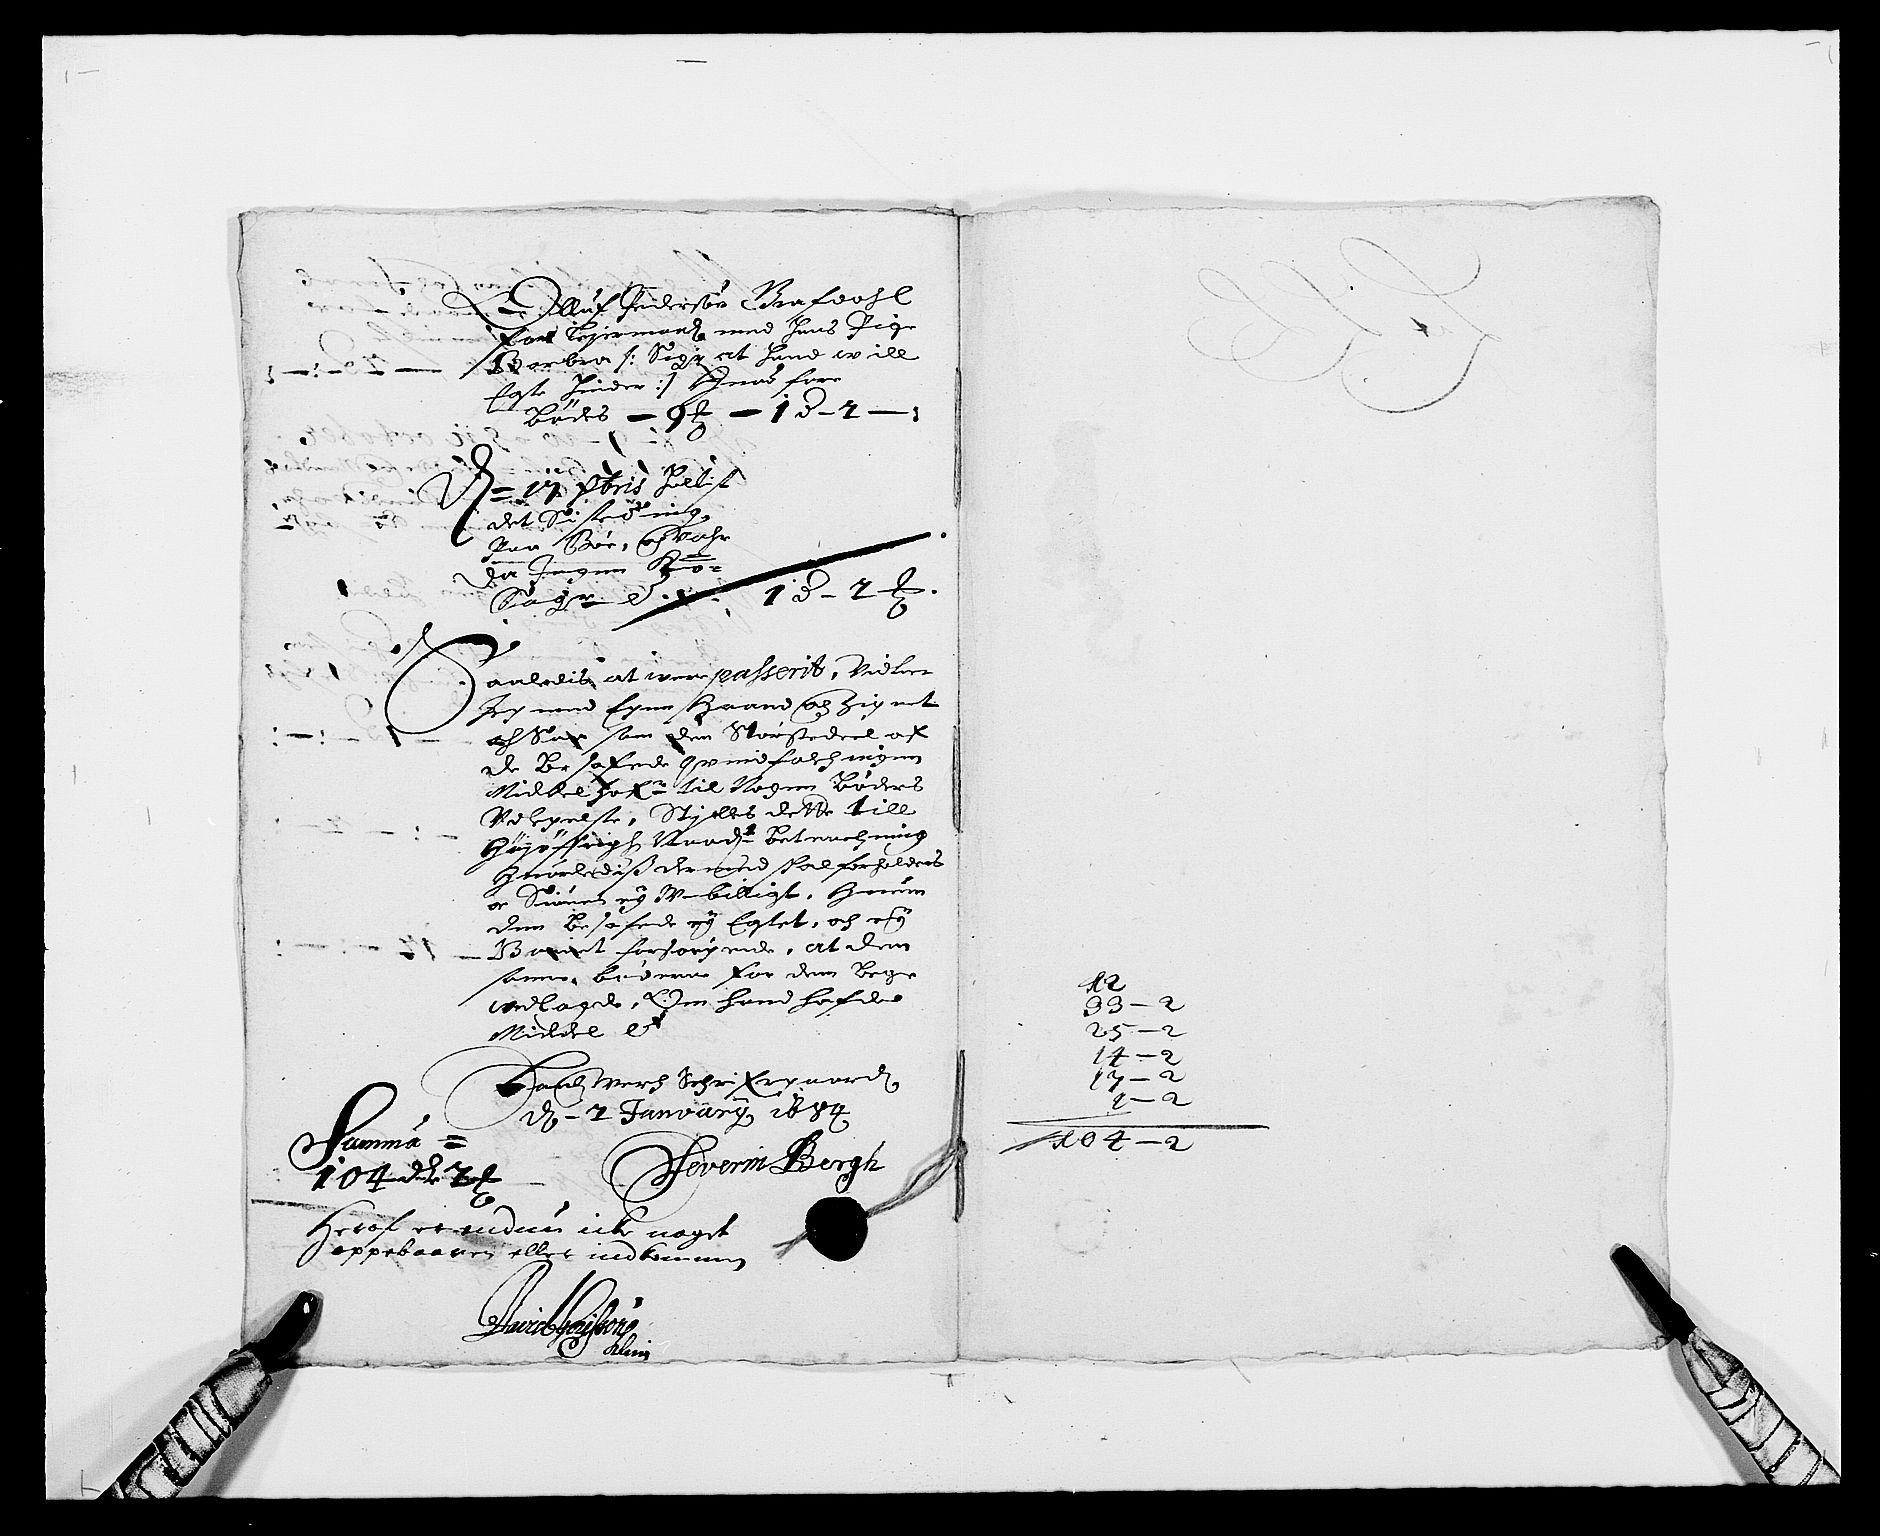 RA, Rentekammeret inntil 1814, Reviderte regnskaper, Fogderegnskap, R24/L1570: Fogderegnskap Numedal og Sandsvær, 1679-1686, s. 192